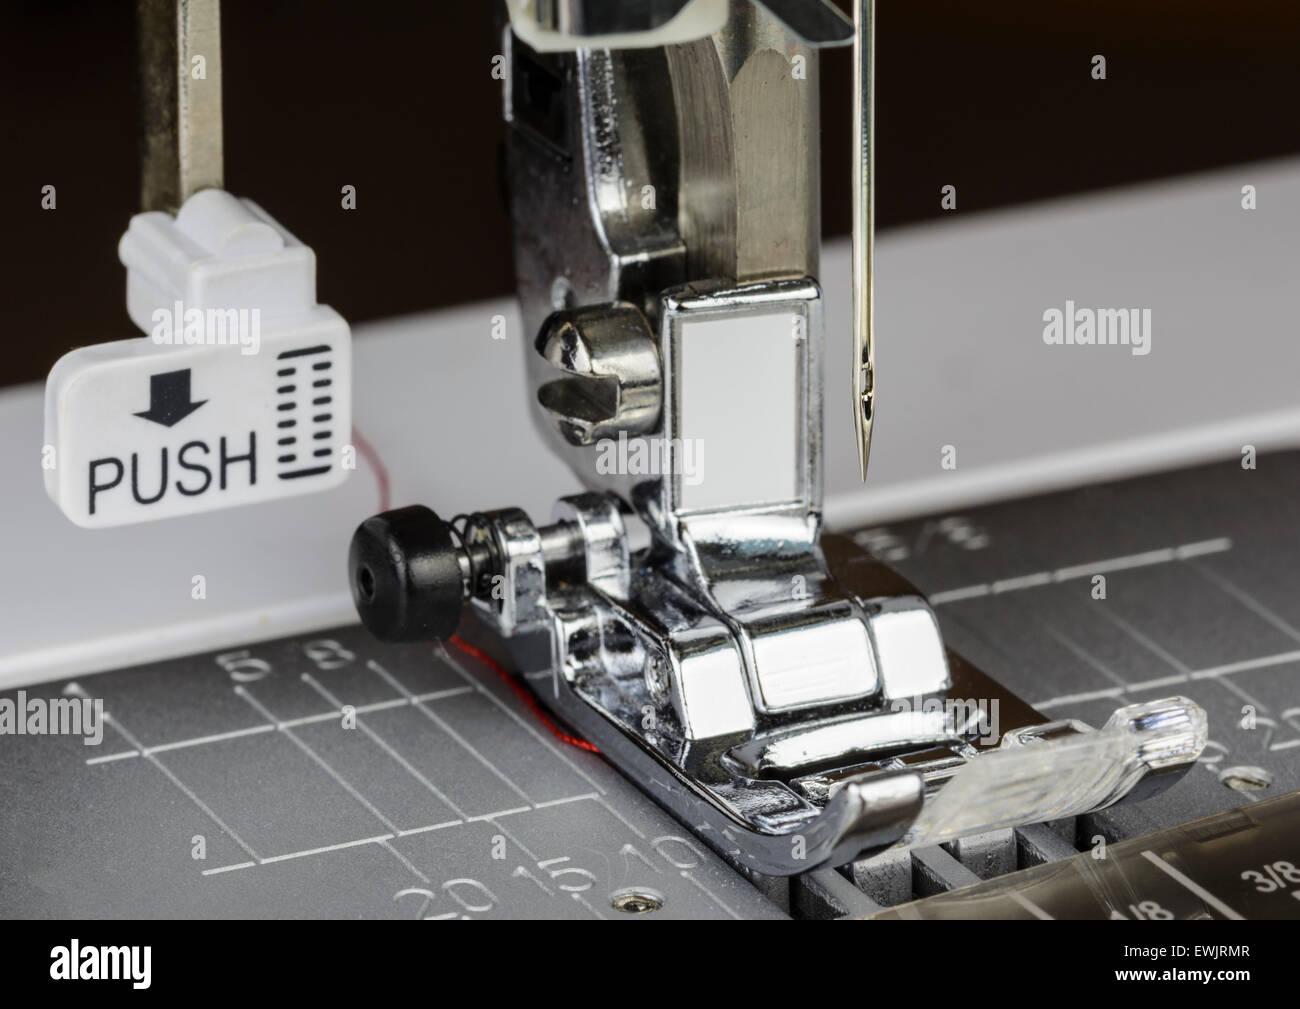 Prensatelas. Acercamiento de los prensatelas y la aguja de una máquina de coser eléctrica. Imagen De Stock